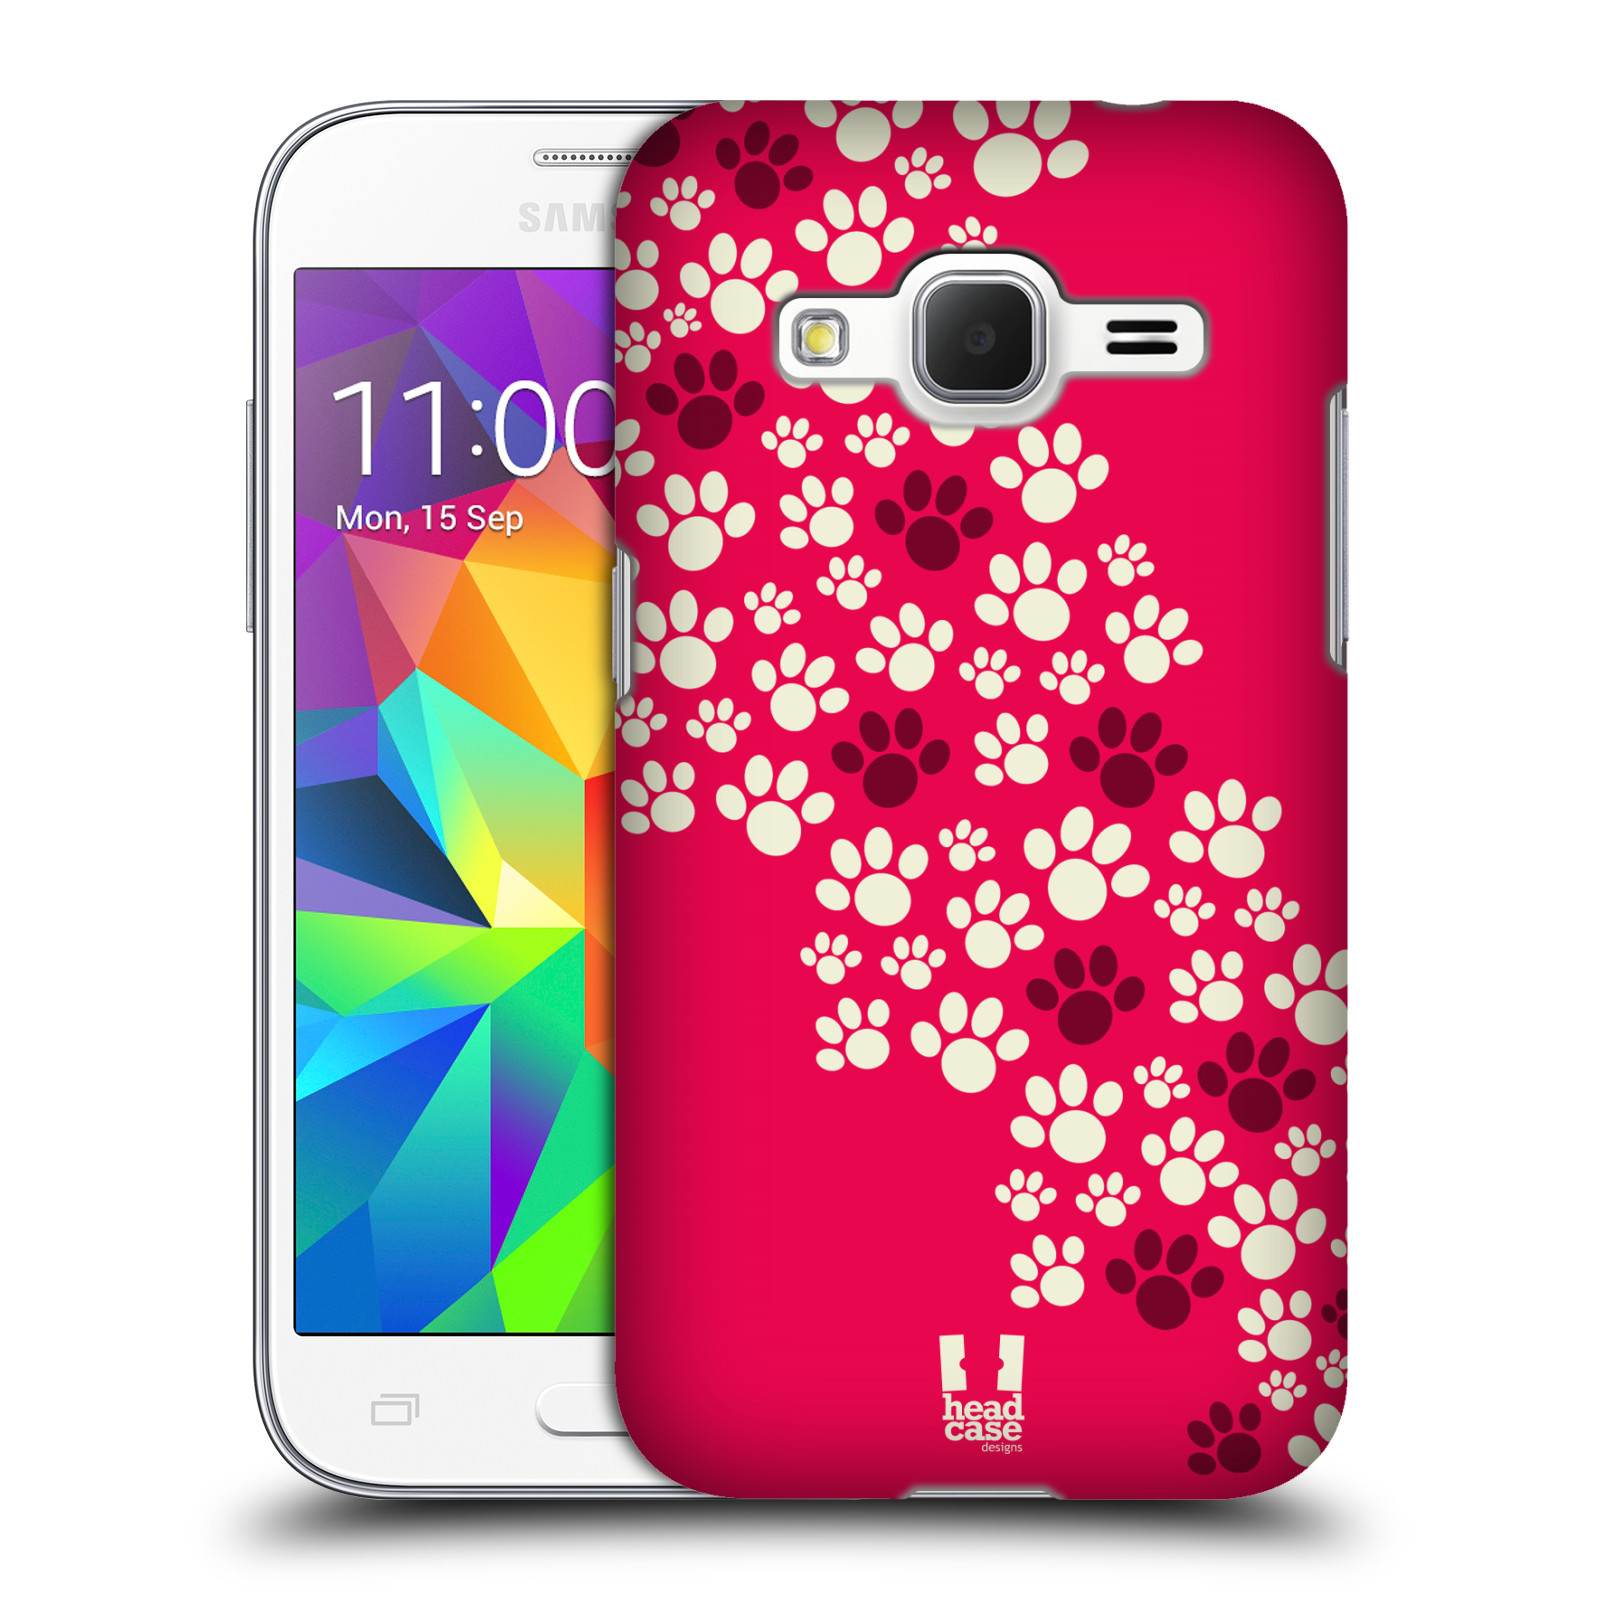 Plastové pouzdro na mobil Samsung Galaxy Core Prime VE HEAD CASE TLAPKY RŮŽOVÉ (Kryt či obal na mobilní telefon Samsung Galaxy Core Prime LTE VE SM-G361F)